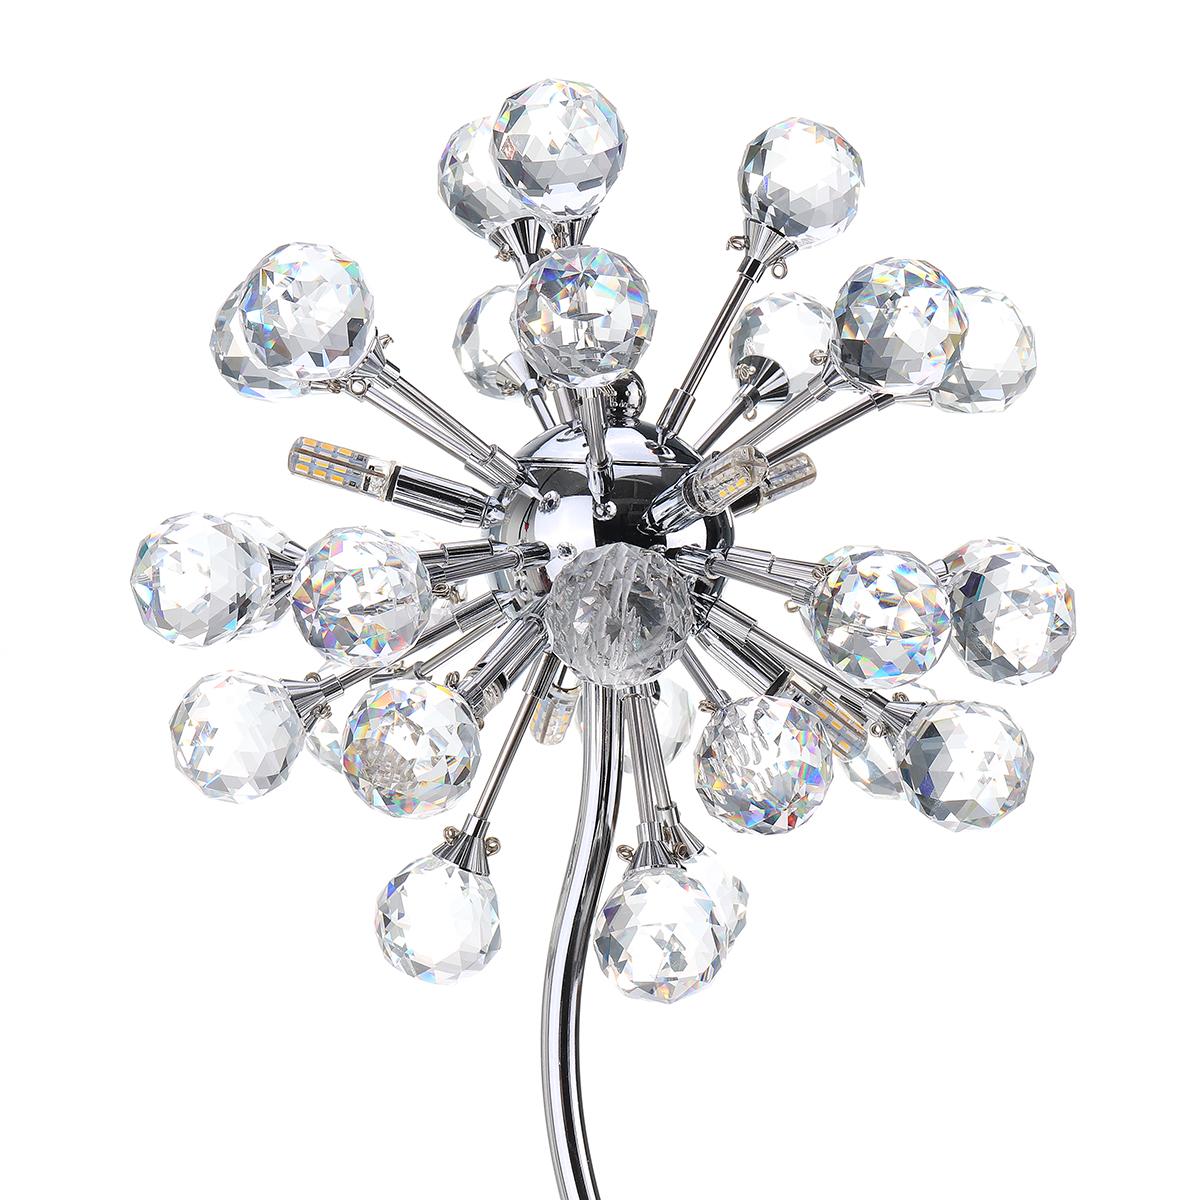 ModerneKristallkugelLEDTischleuchteSchreibtischlampeLesung Home Schlafzimmer Beleuchtung